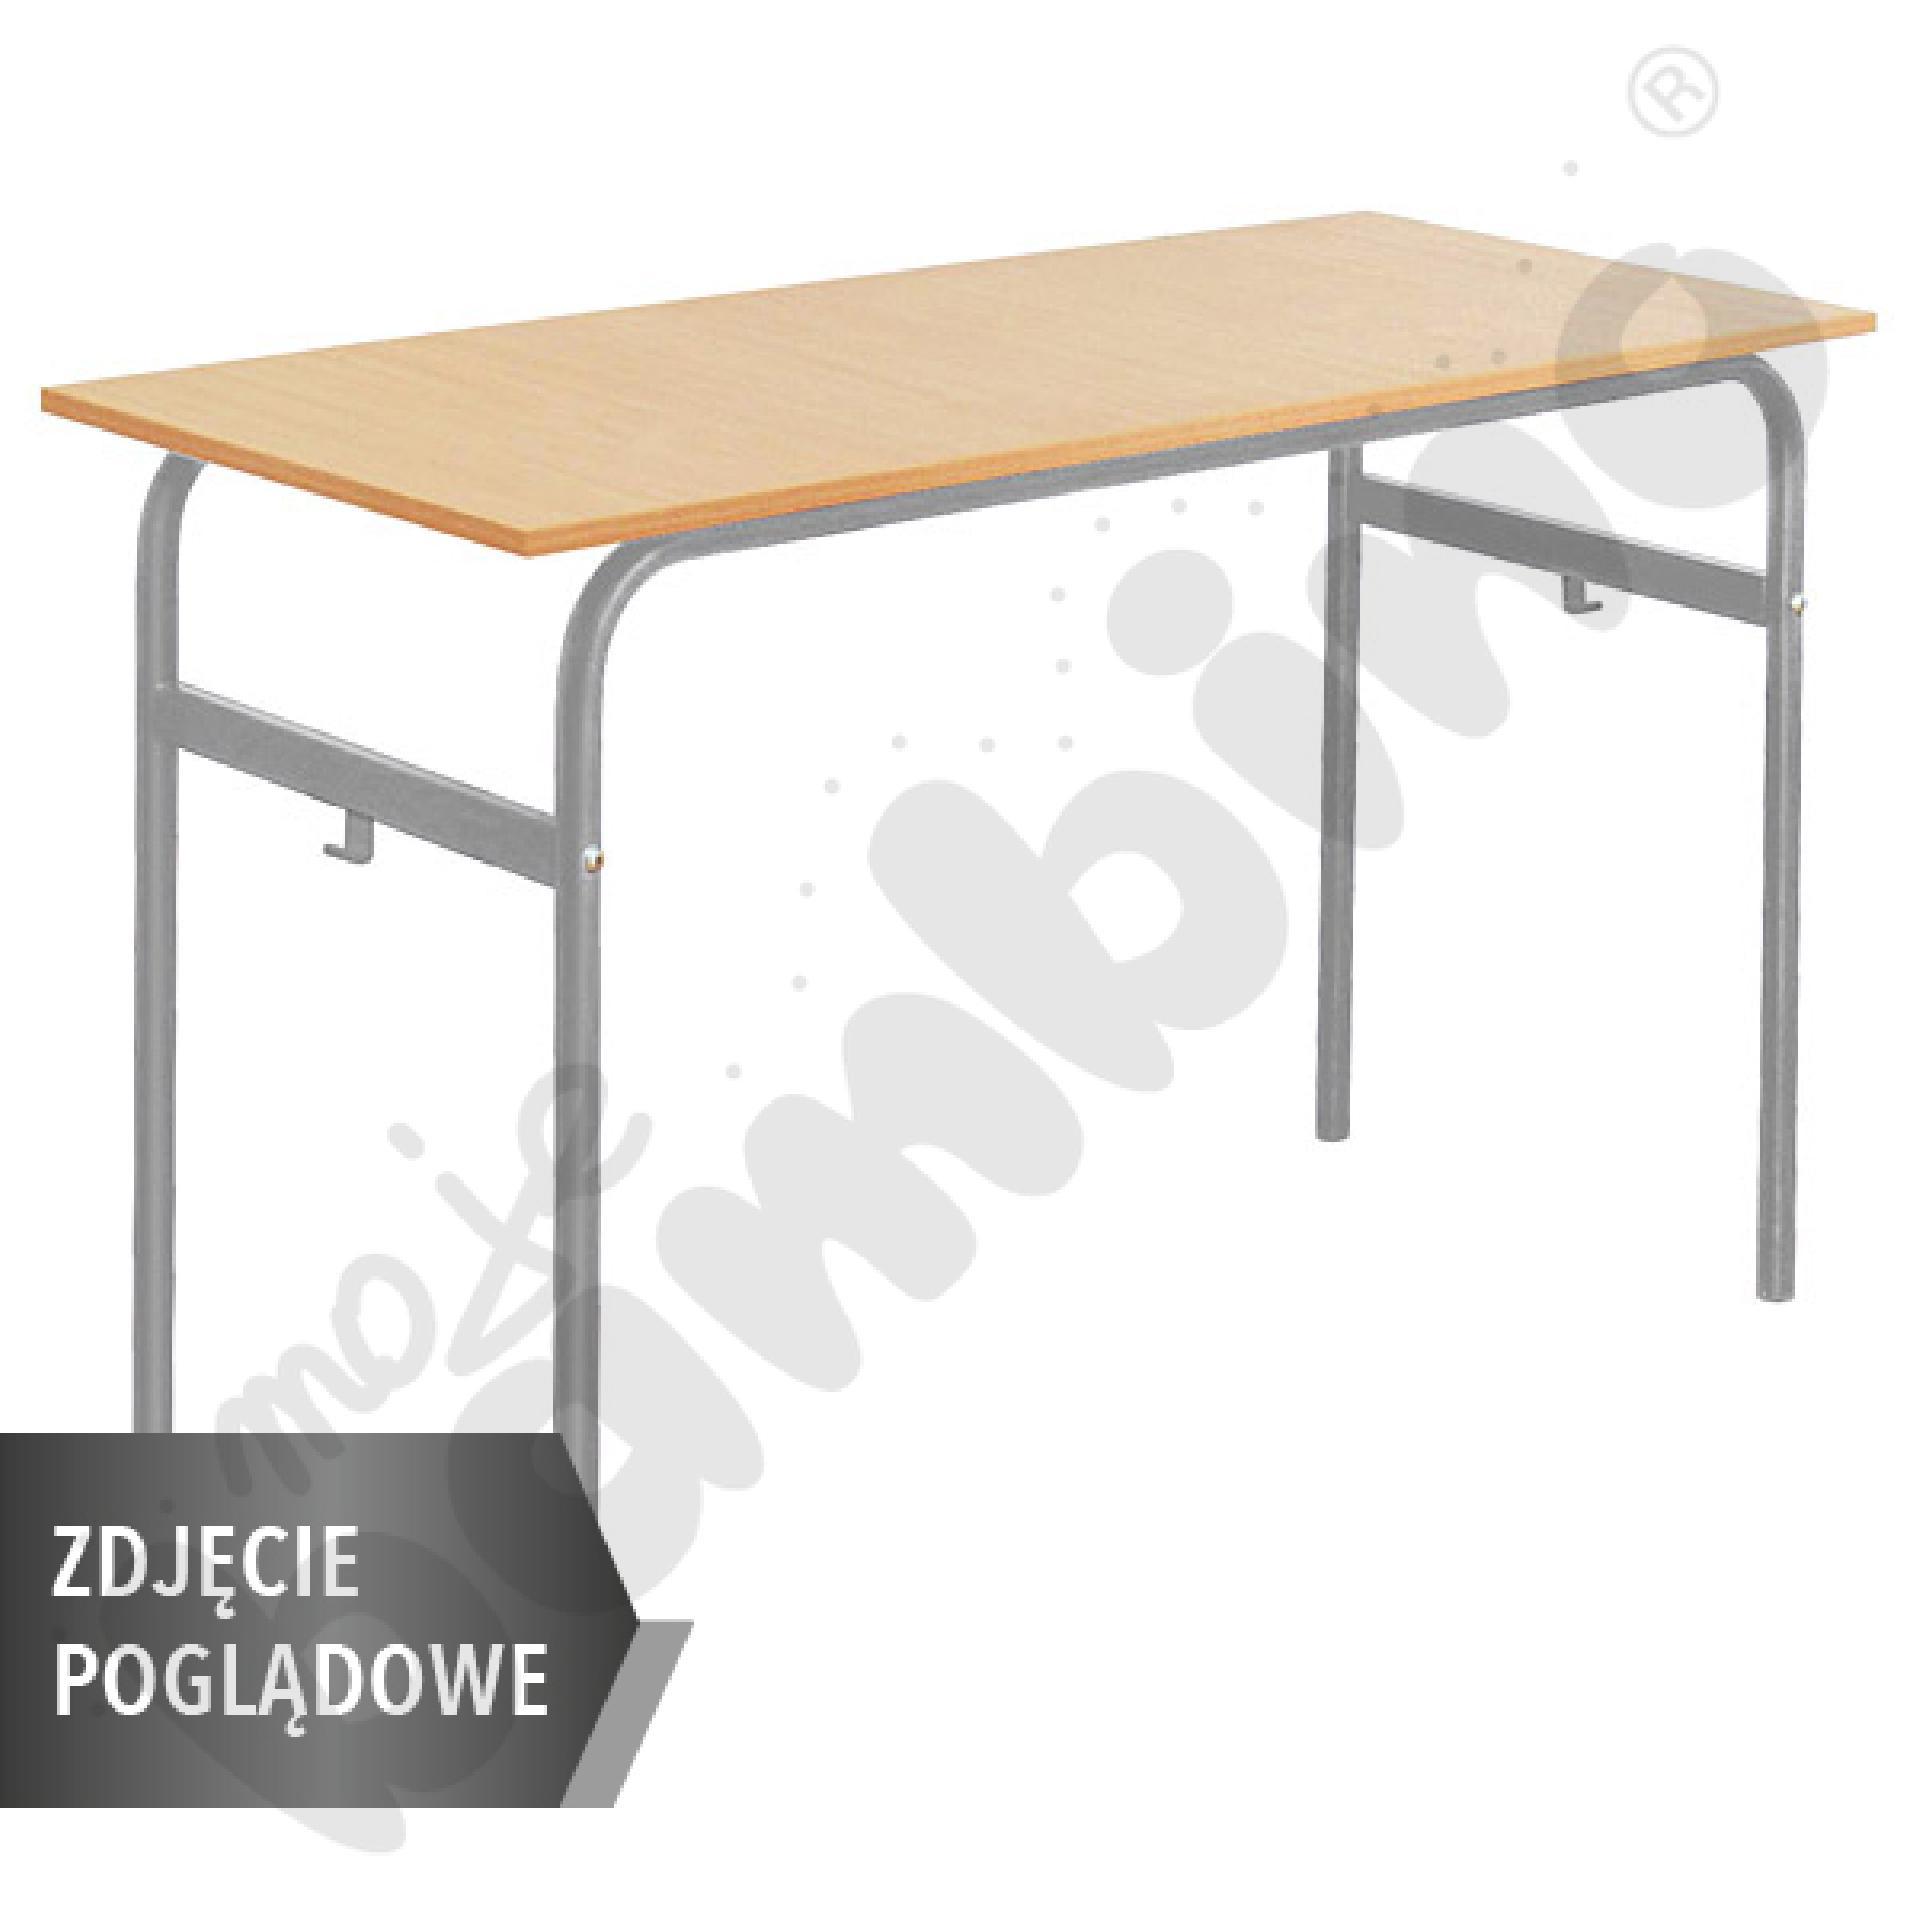 Stół Daniel 130x50 rozm. 4-6, 2os., stelaż czerwony, blat buk, obrzeże ABS, narożniki zaokrąglone